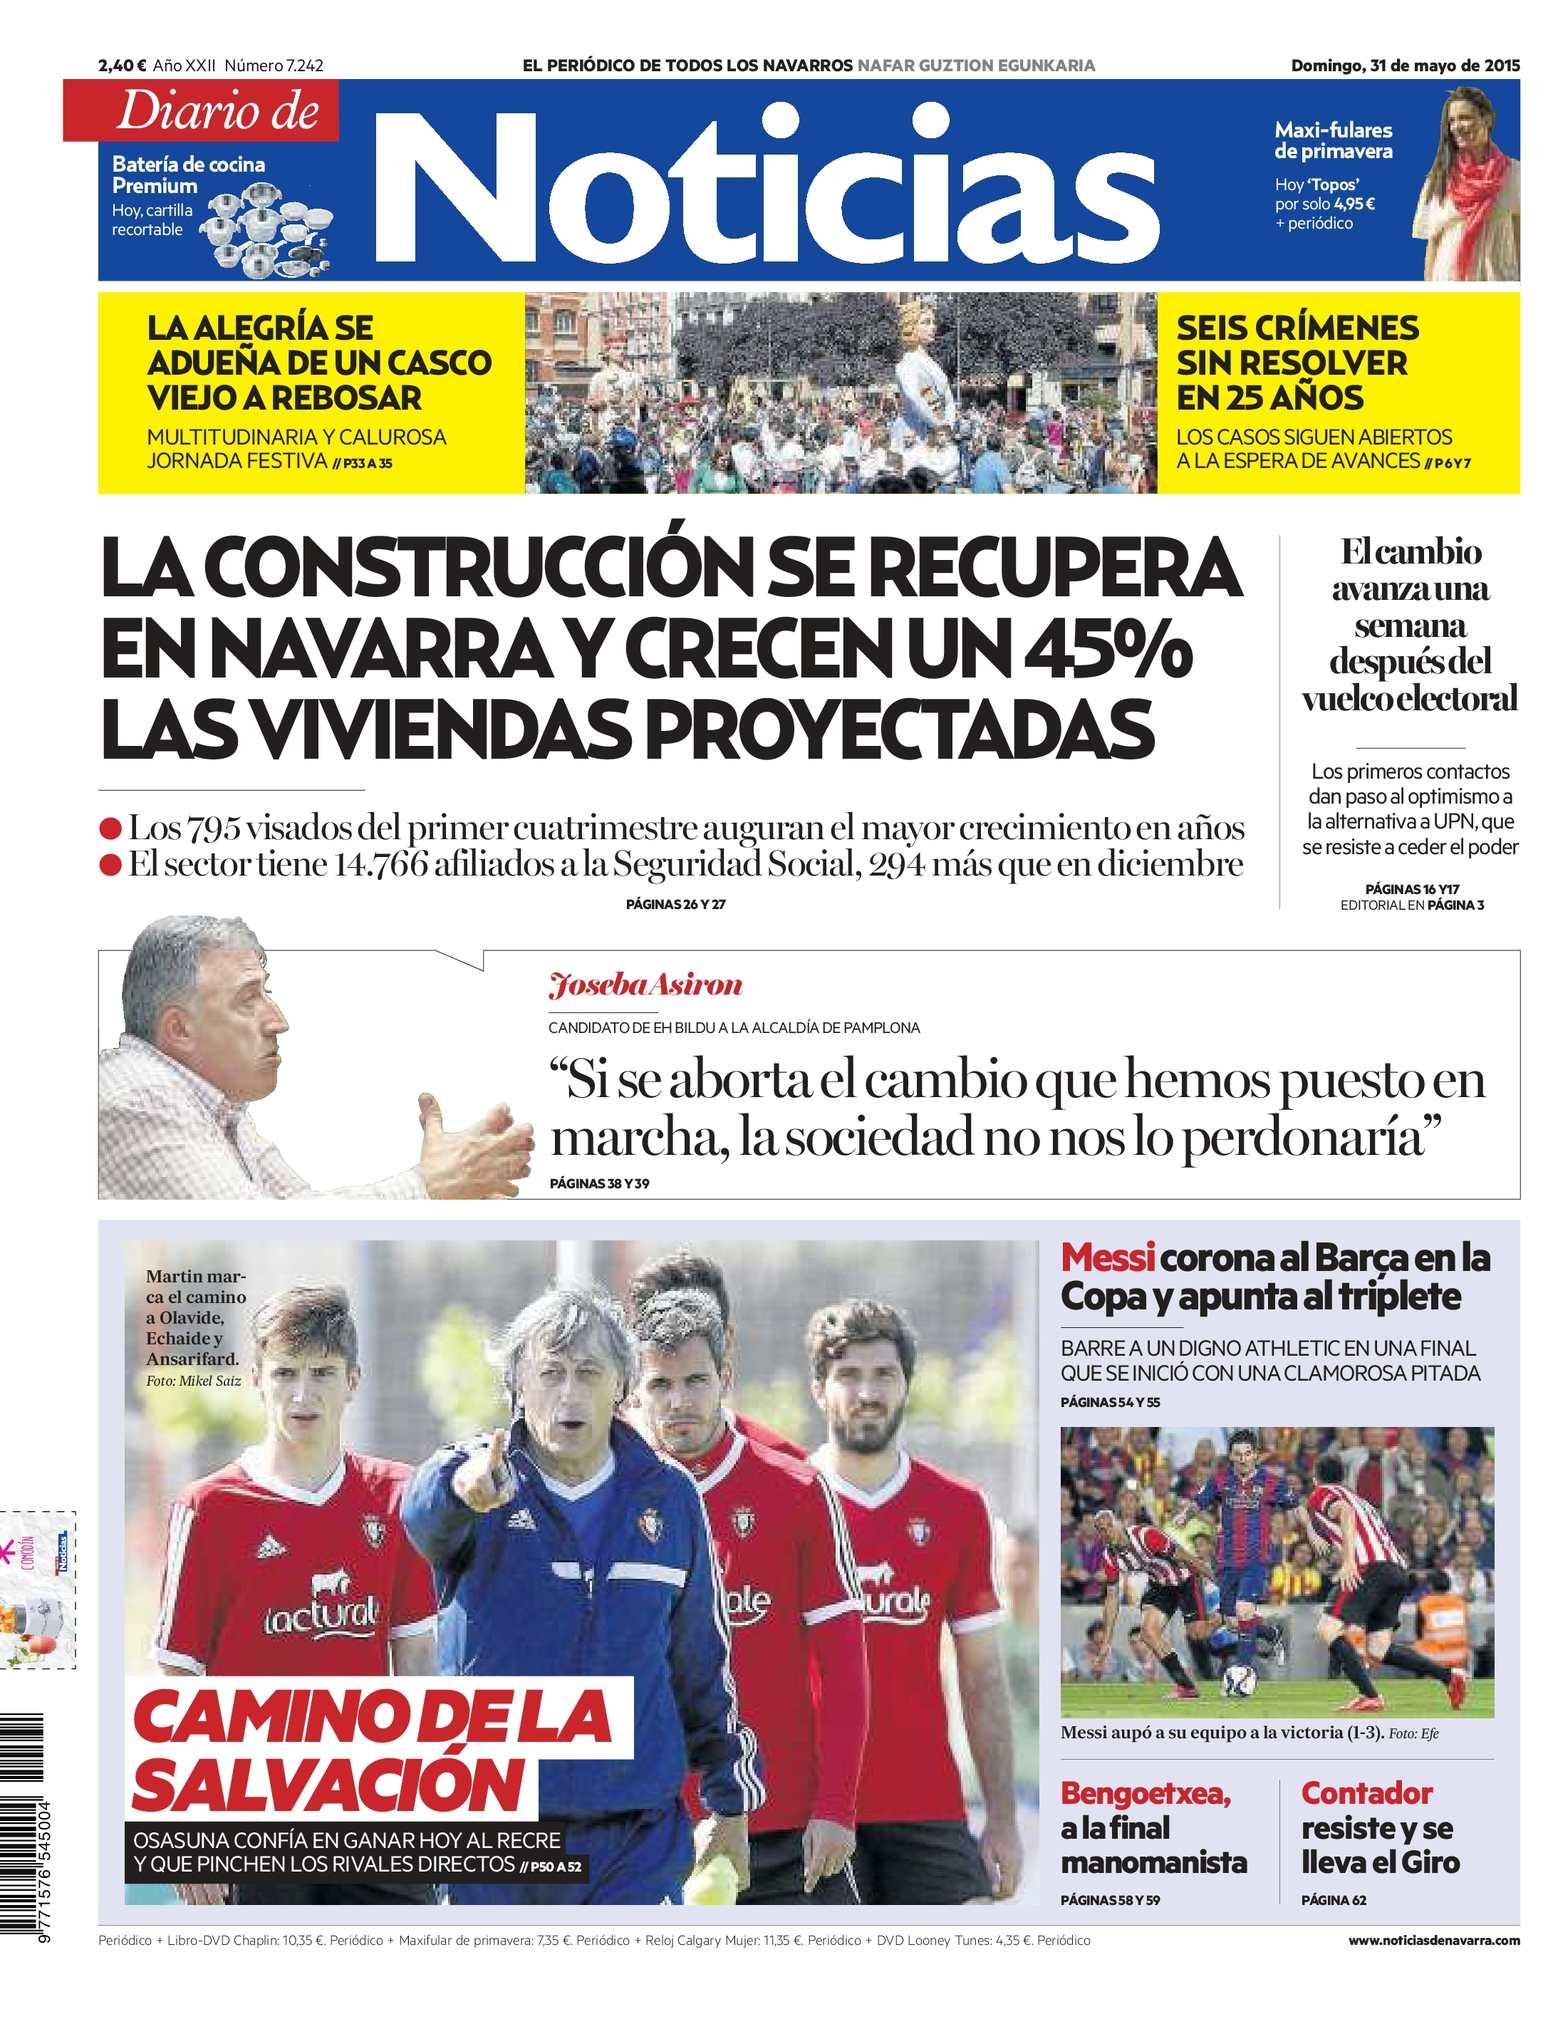 Calaméo - Diario de Noticias 20150531 8e9681bff9